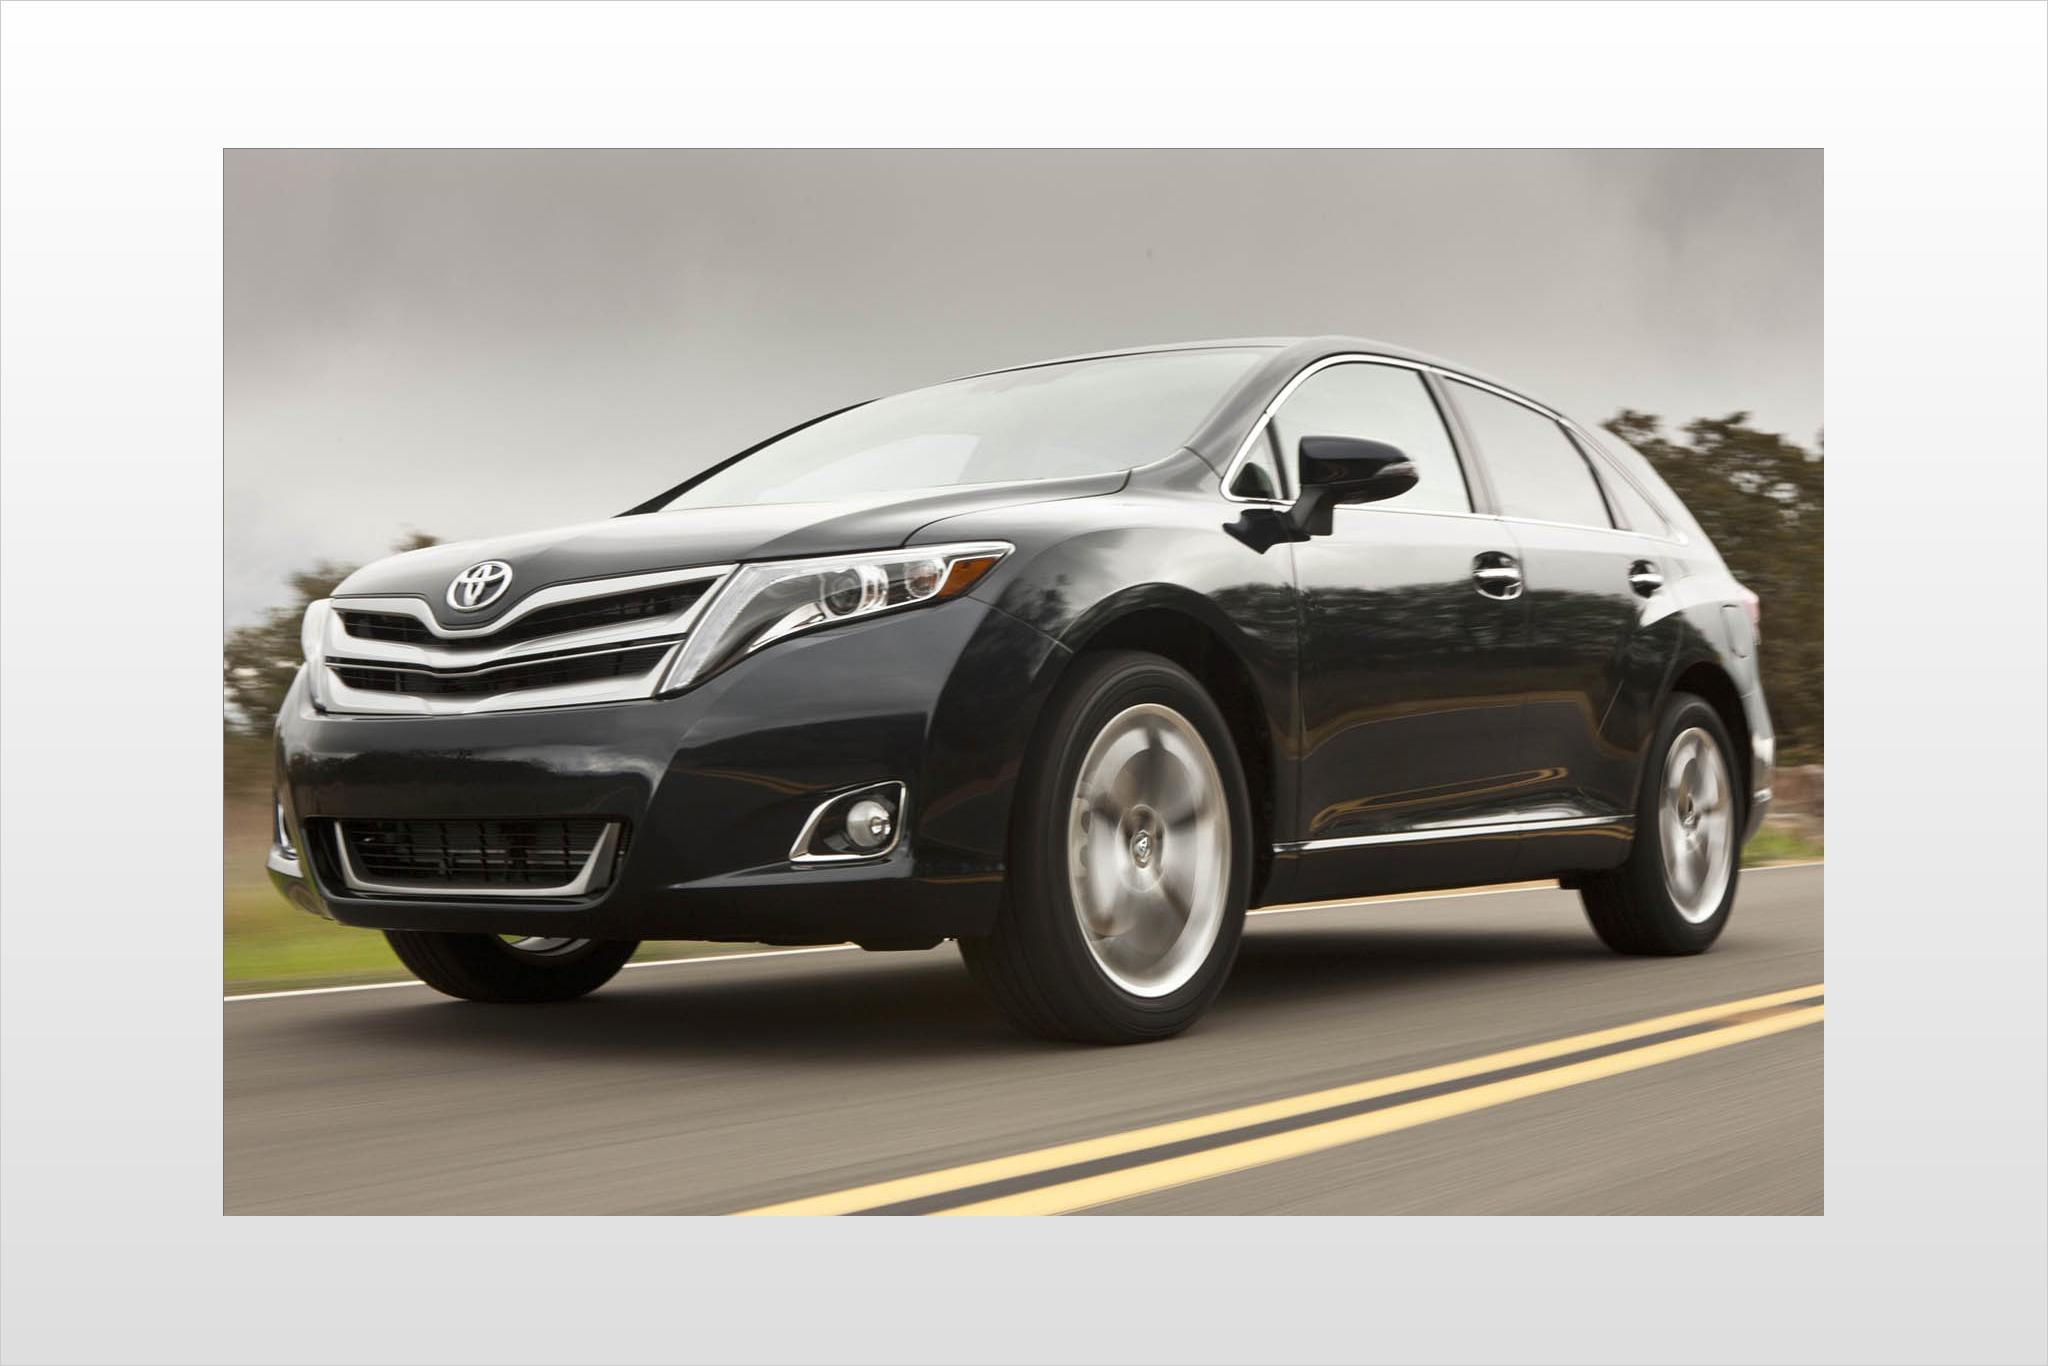 2015 Toyota Venza Specs Prices Vins Recalls Autodetective